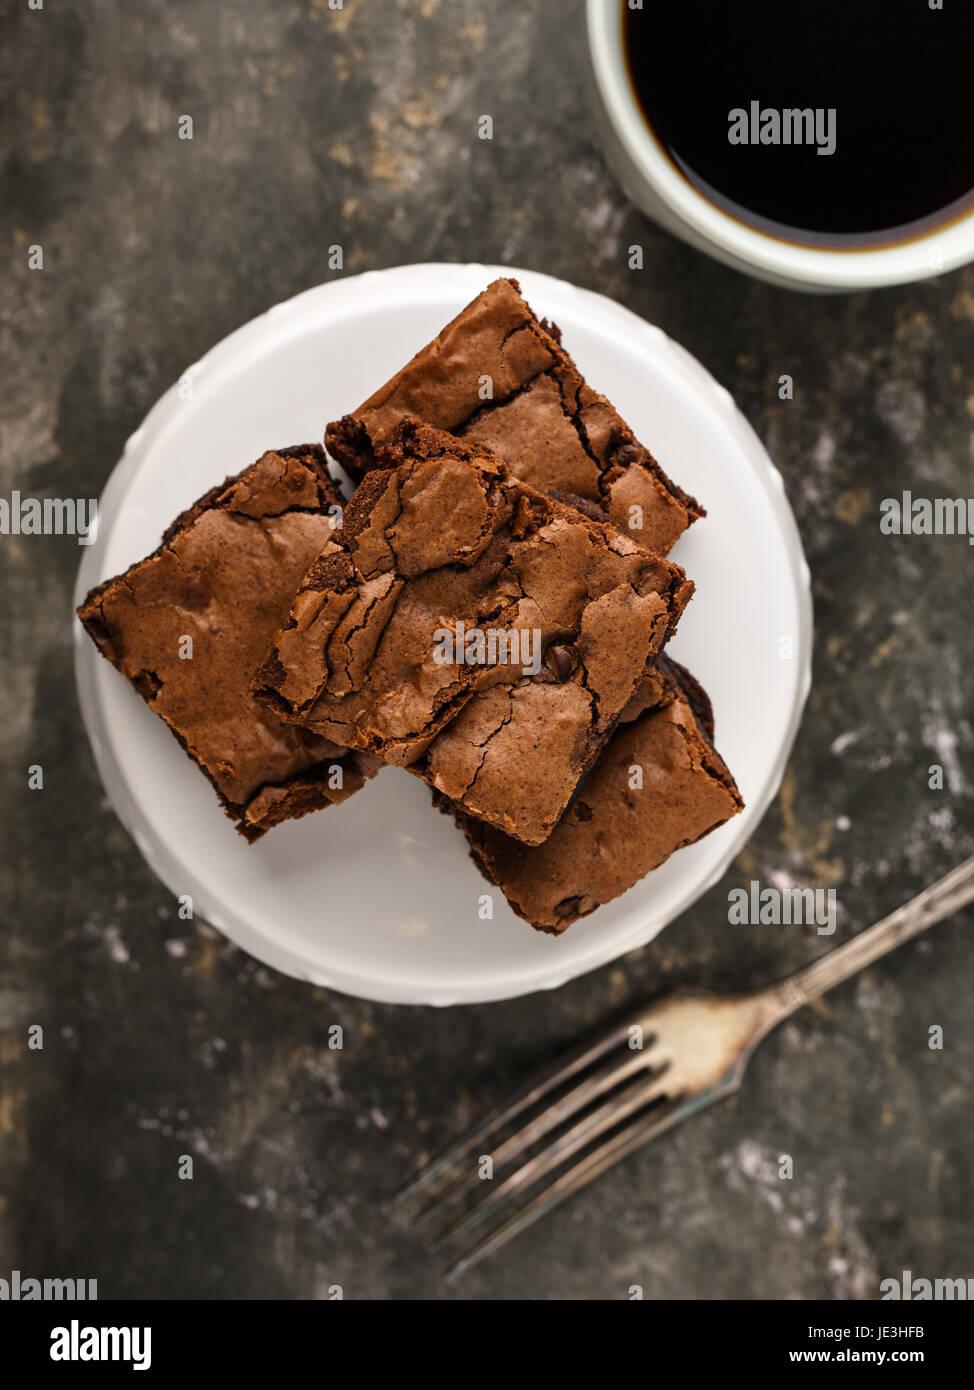 hausgemachte Brownies auf einem Dessertteller und Kaffee. Stockbild